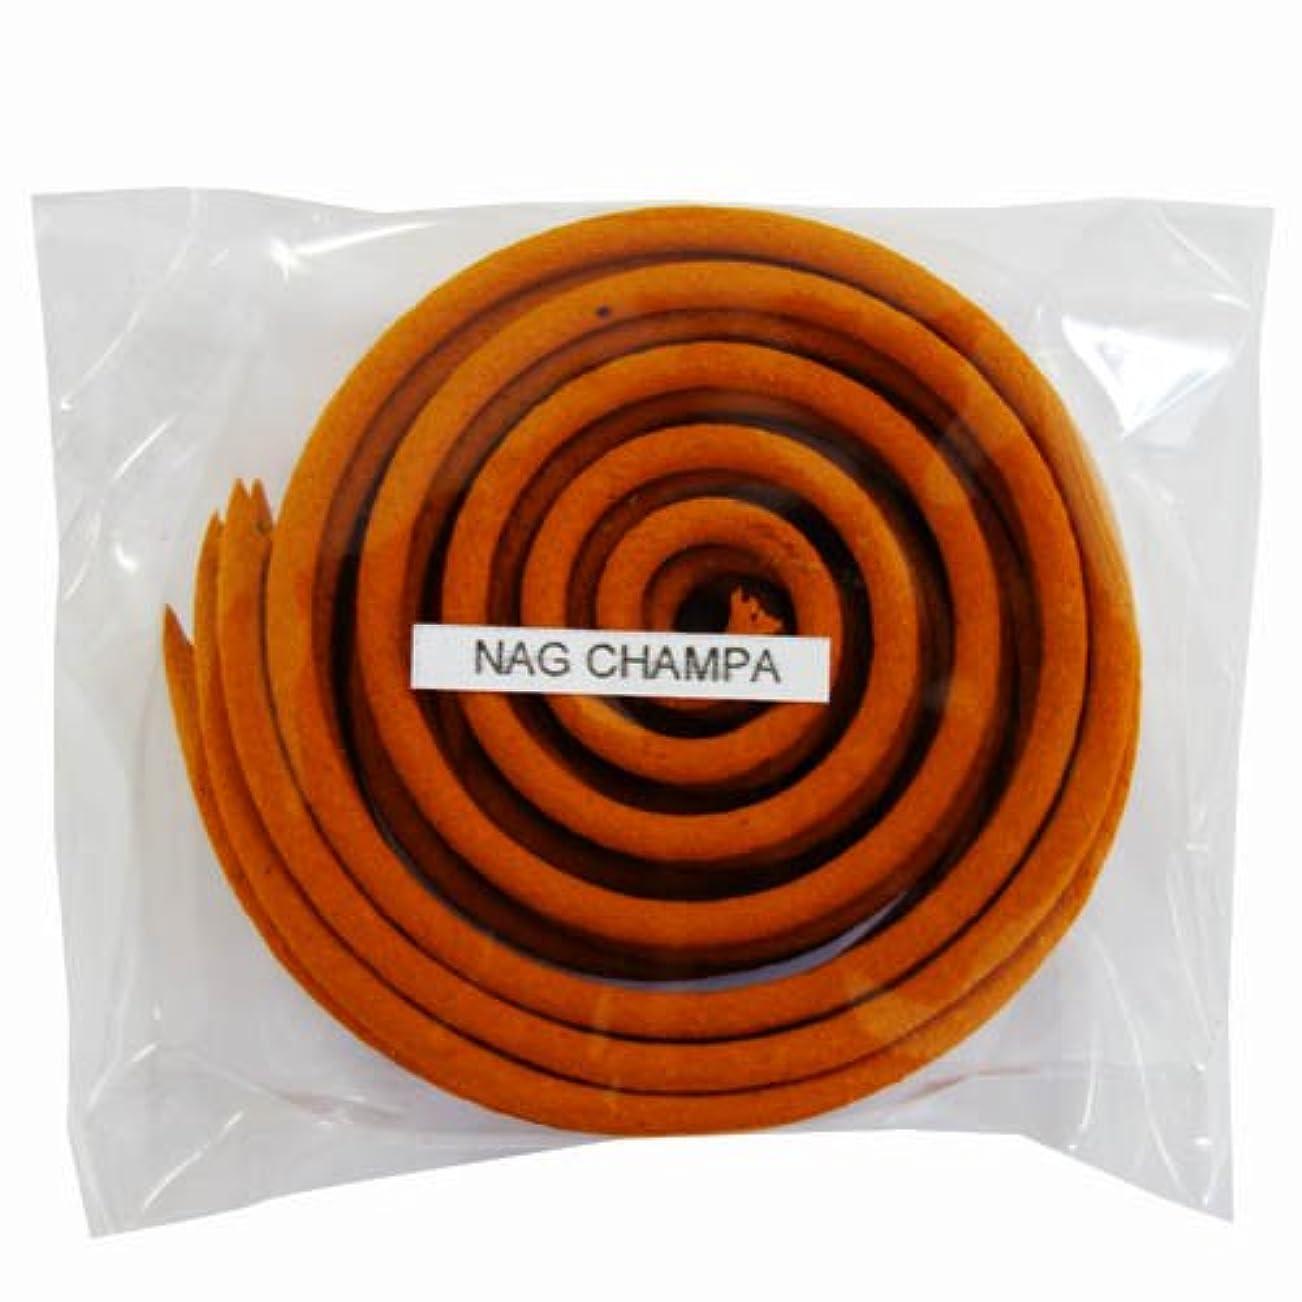 ありがたい初期精通したお香/うずまき香 NAG CHAMPA ナグチャンパ 直径6.5cm×5巻セット [並行輸入品]